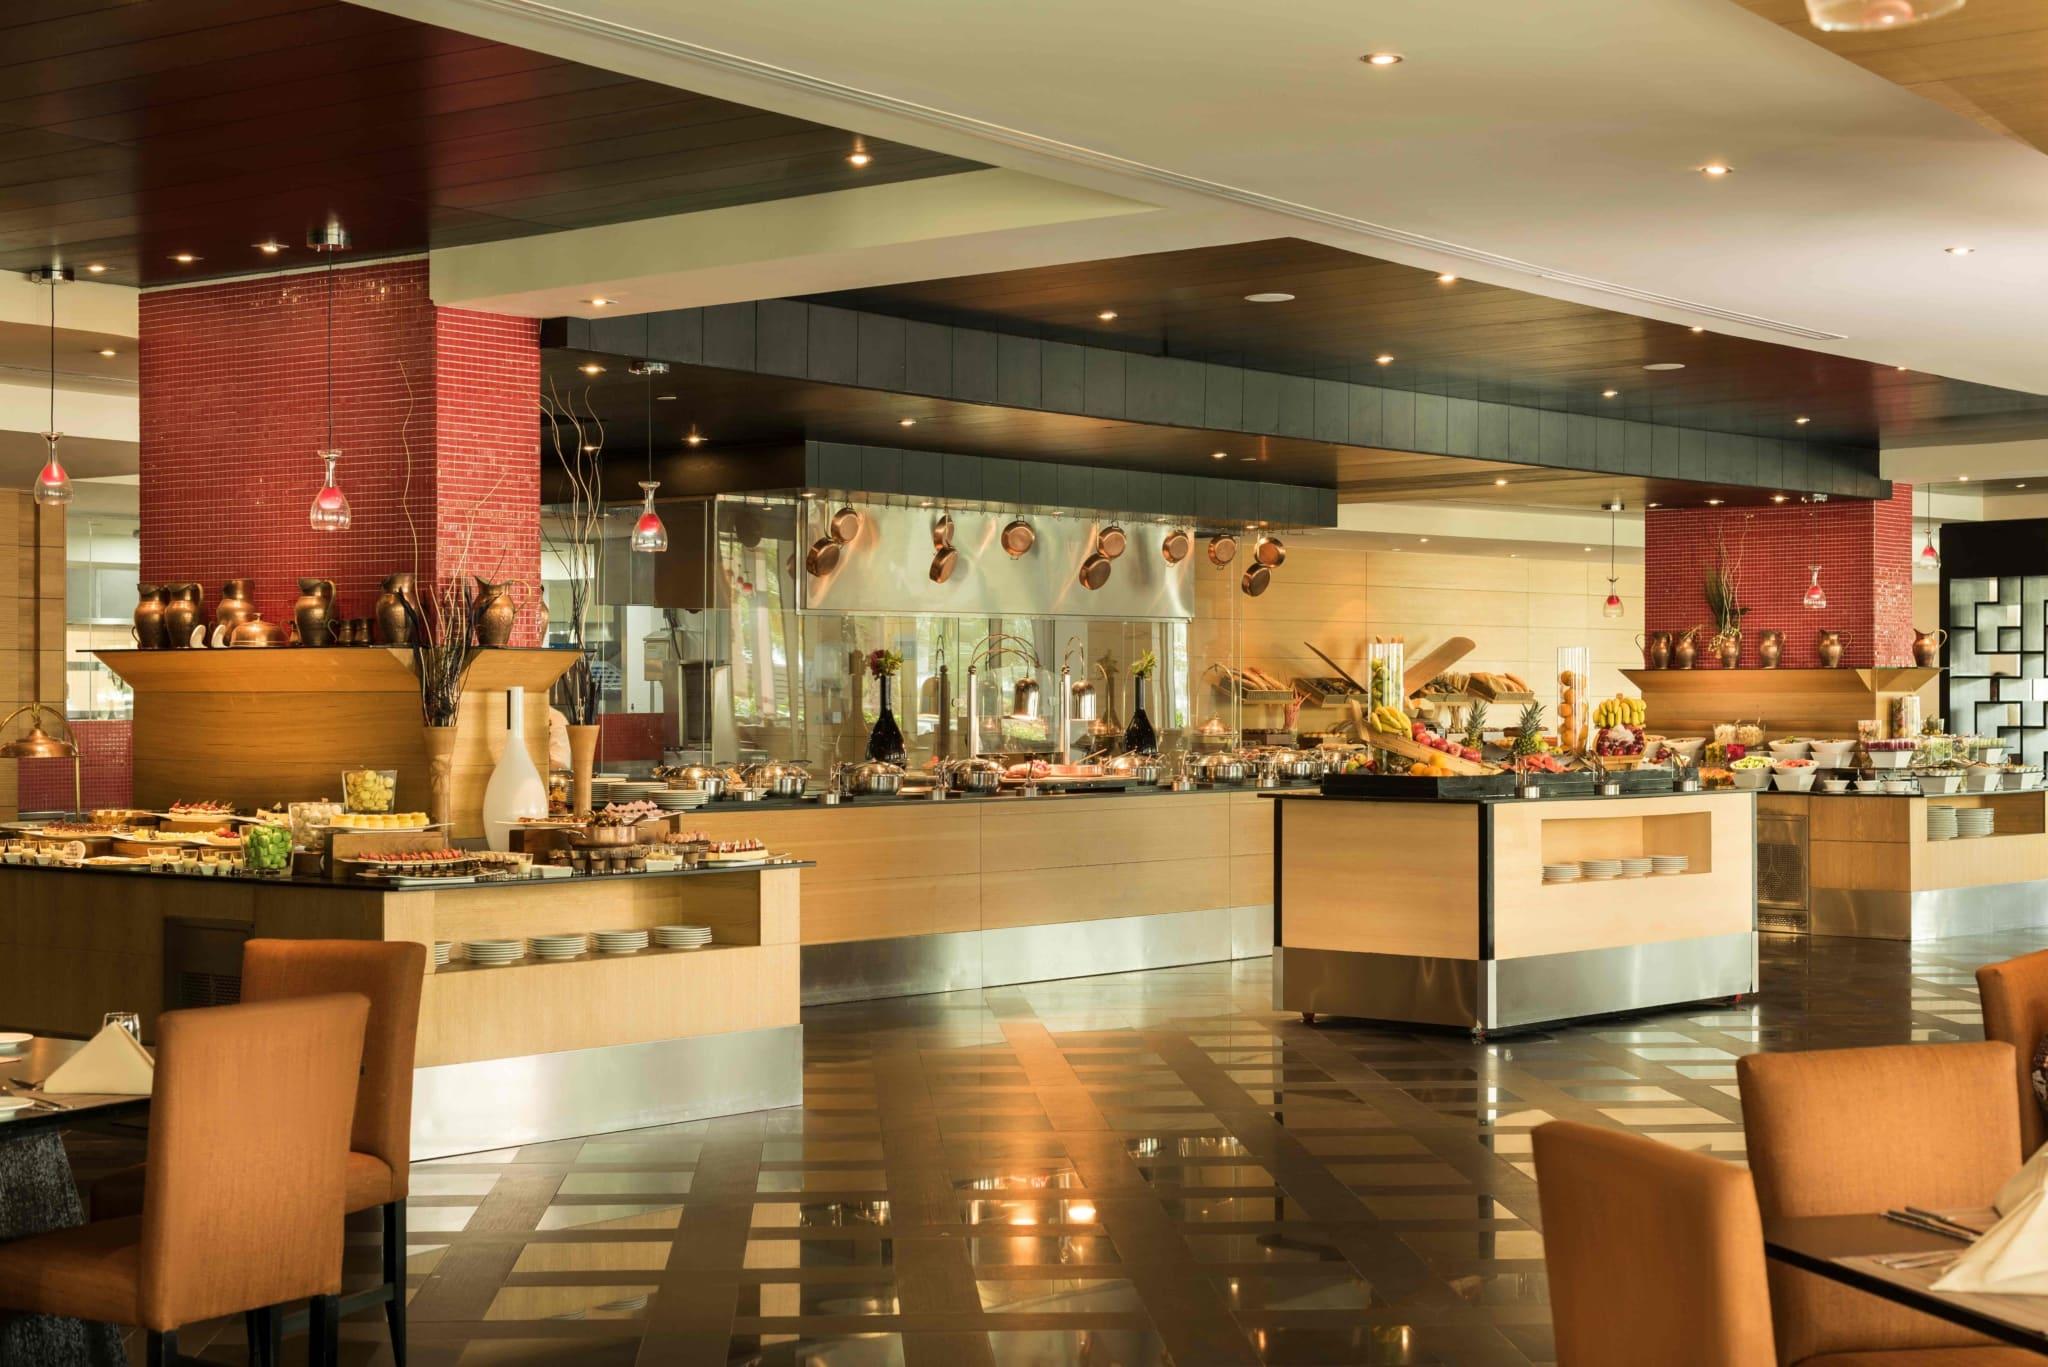 Одна з важливих особливостей готелю - спеціальна секція в ресторанах шведської лінії, де подають страви протягом усього дня для самих юних гостей.